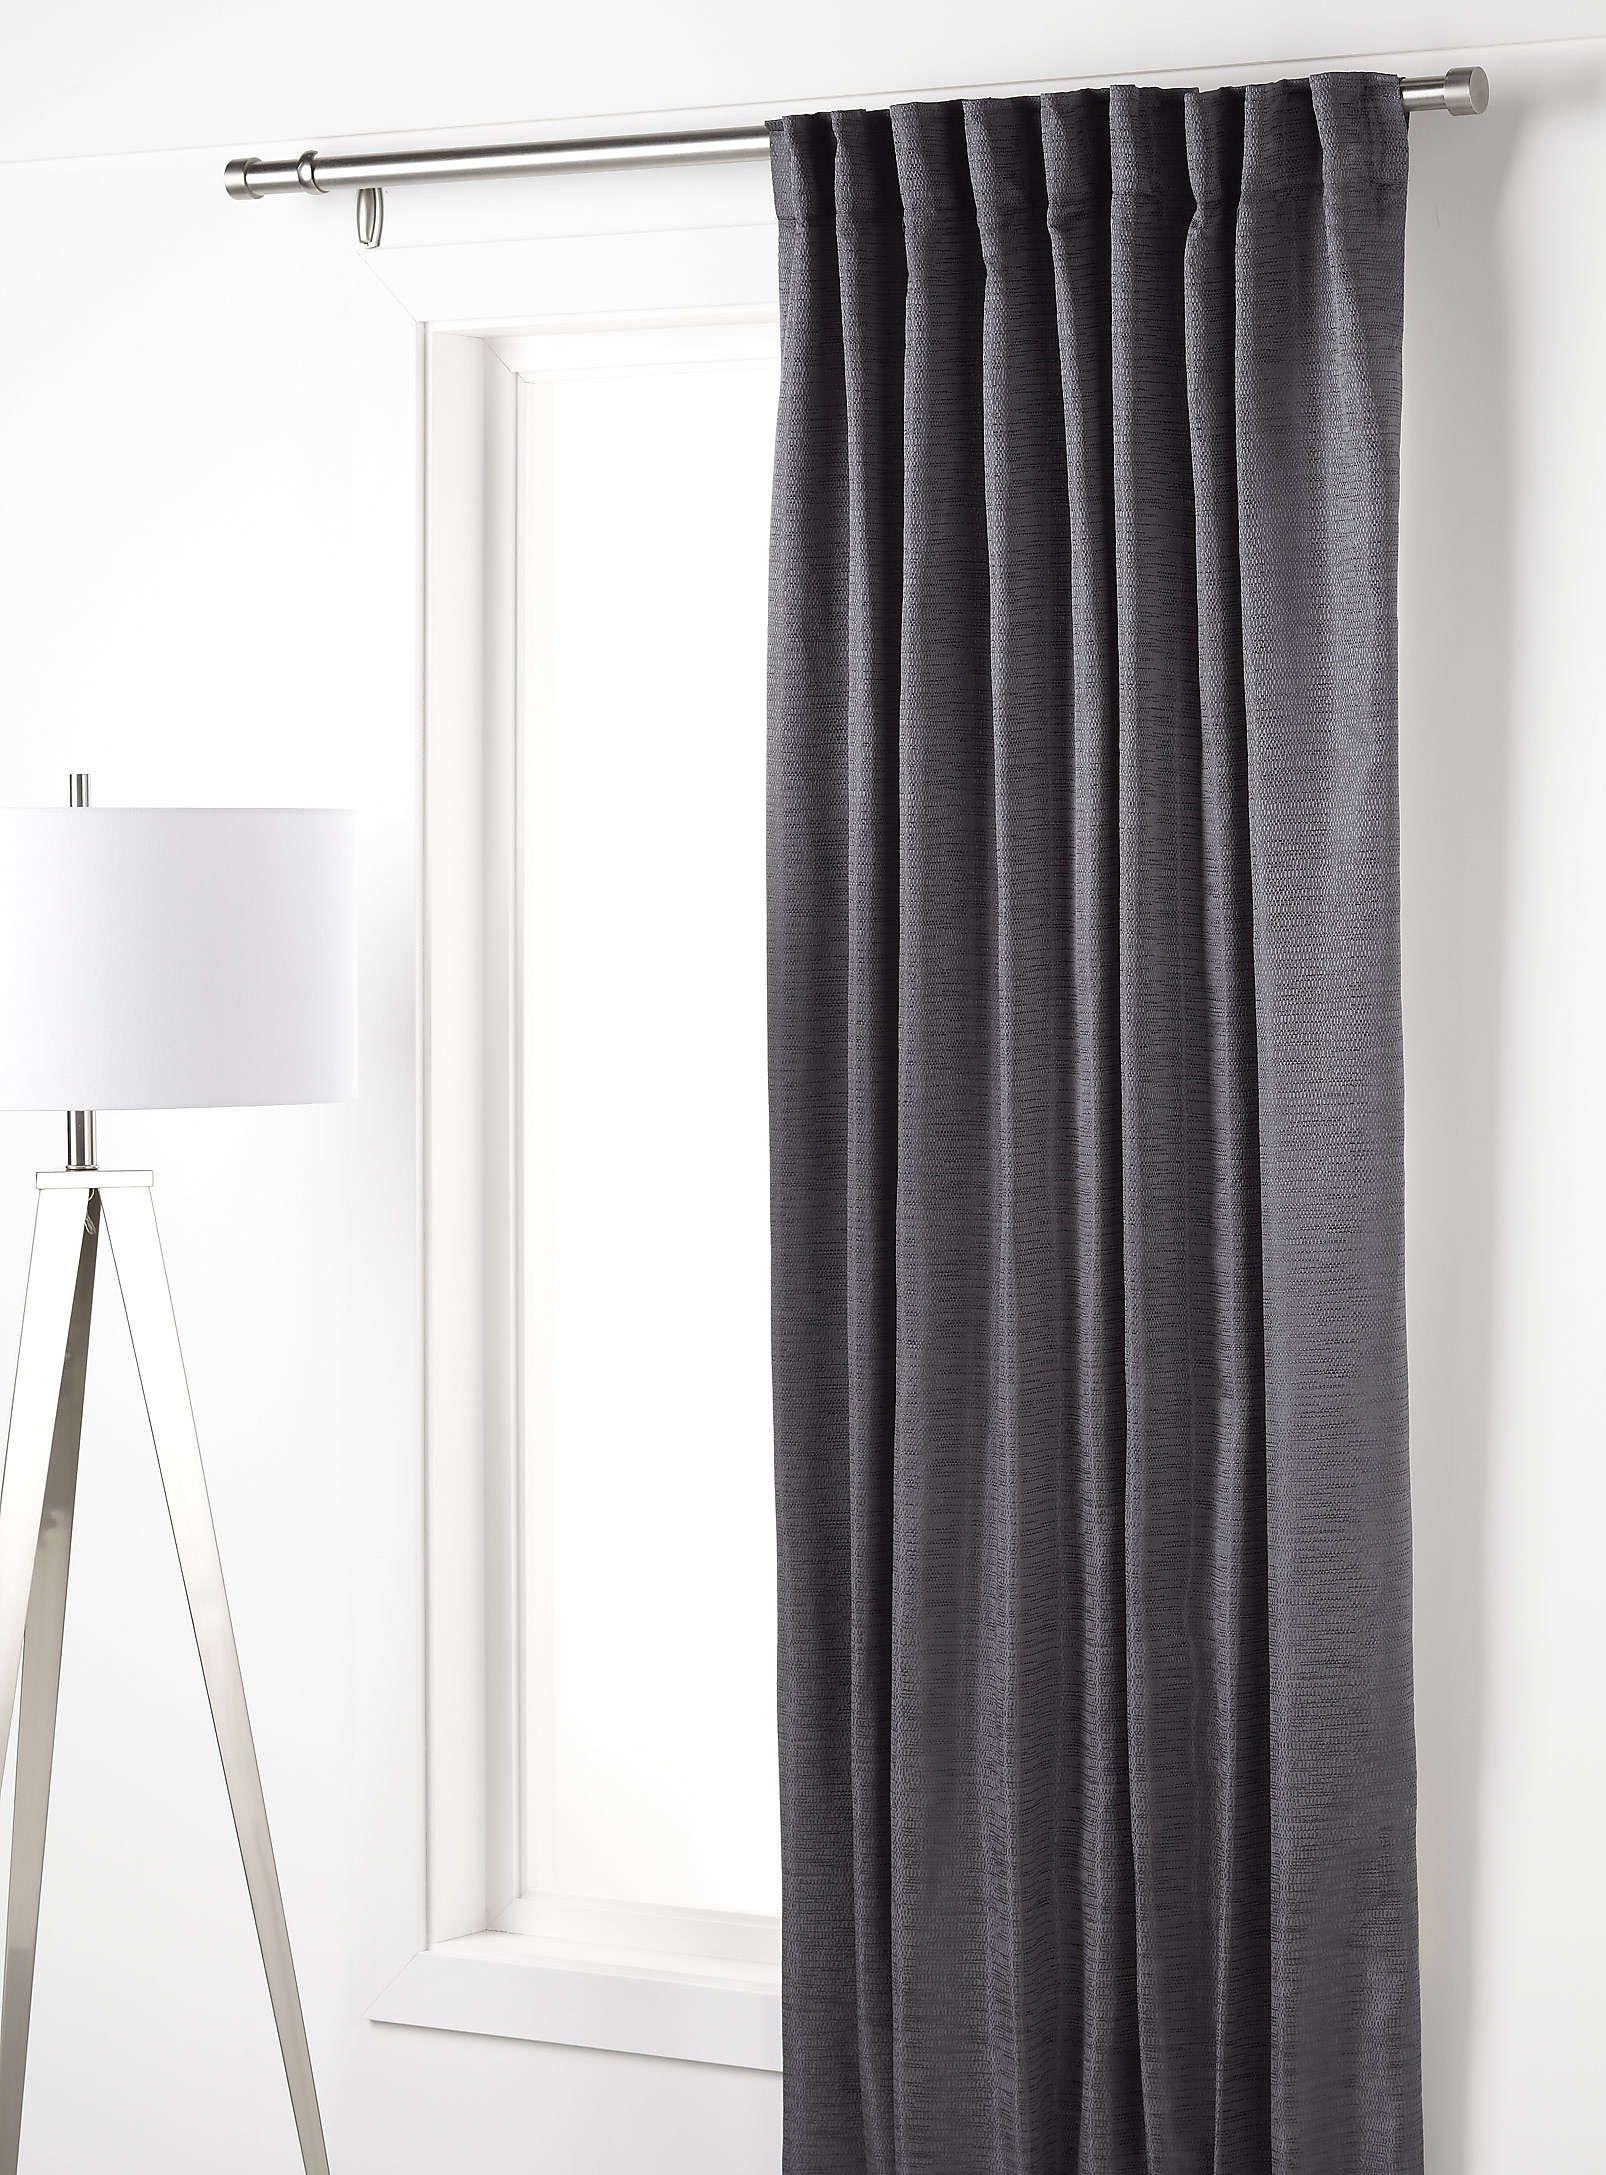 Modern brocade satin curtain 56¨ x 86¨ - Curtains | Simons | Men home  decor, Satin curtains, Curtains